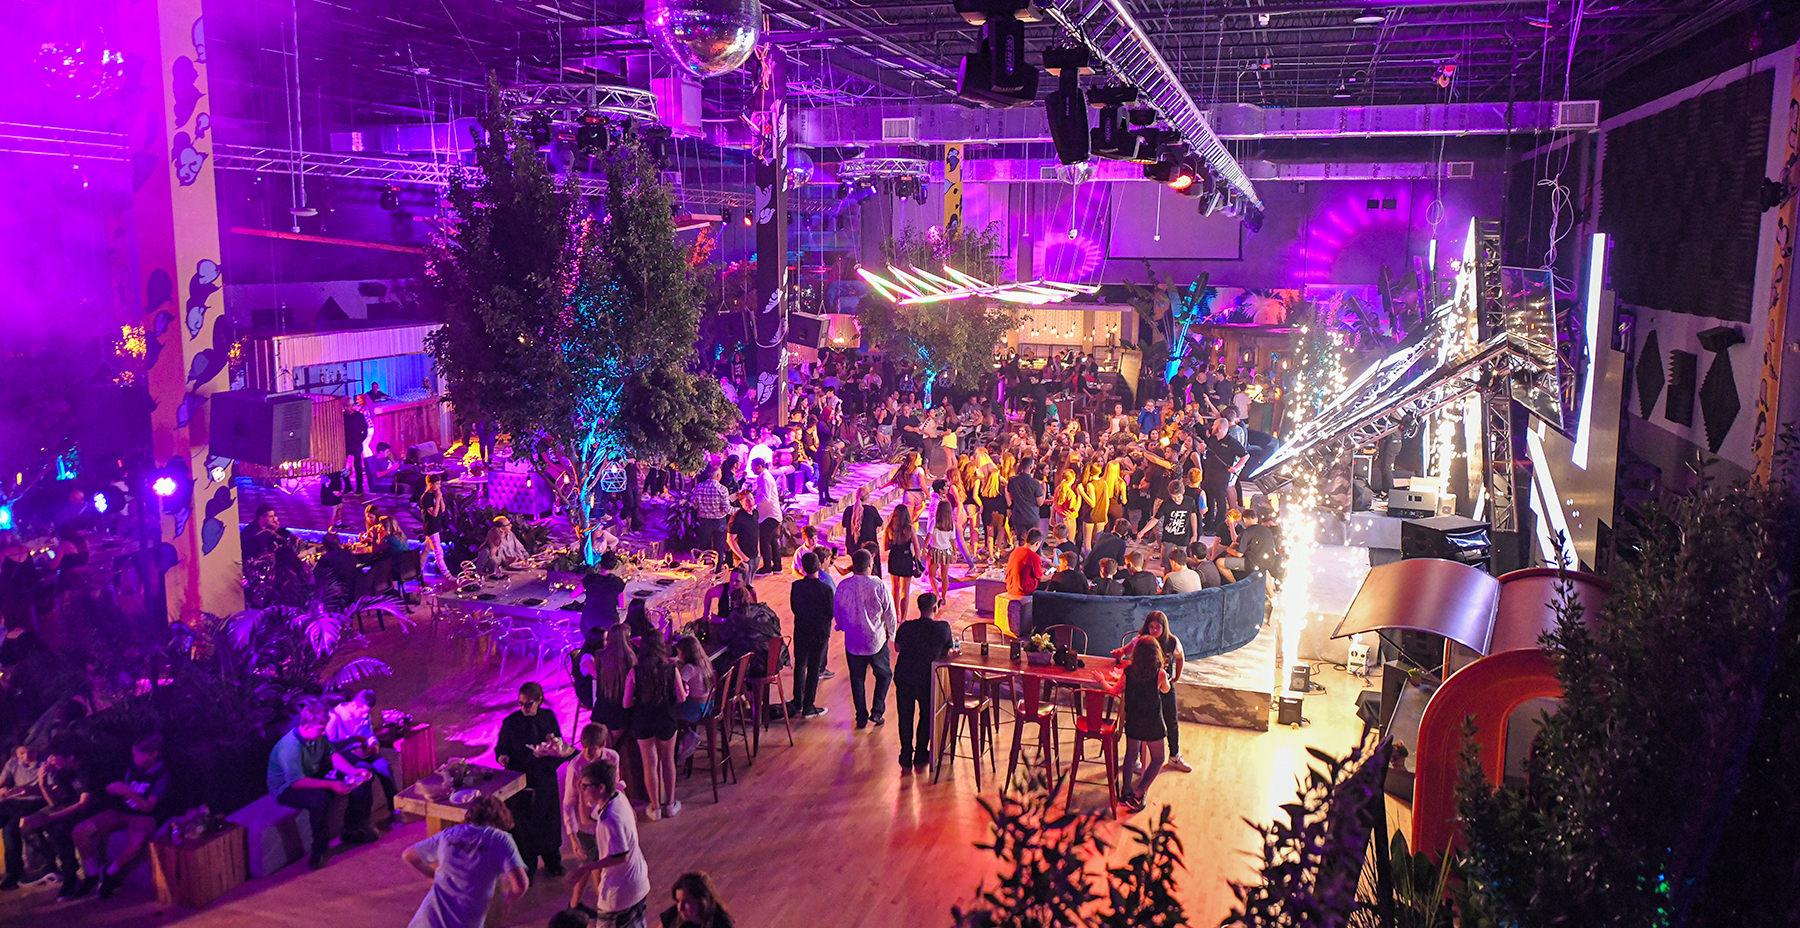 xtreme action park mitzvah Decor